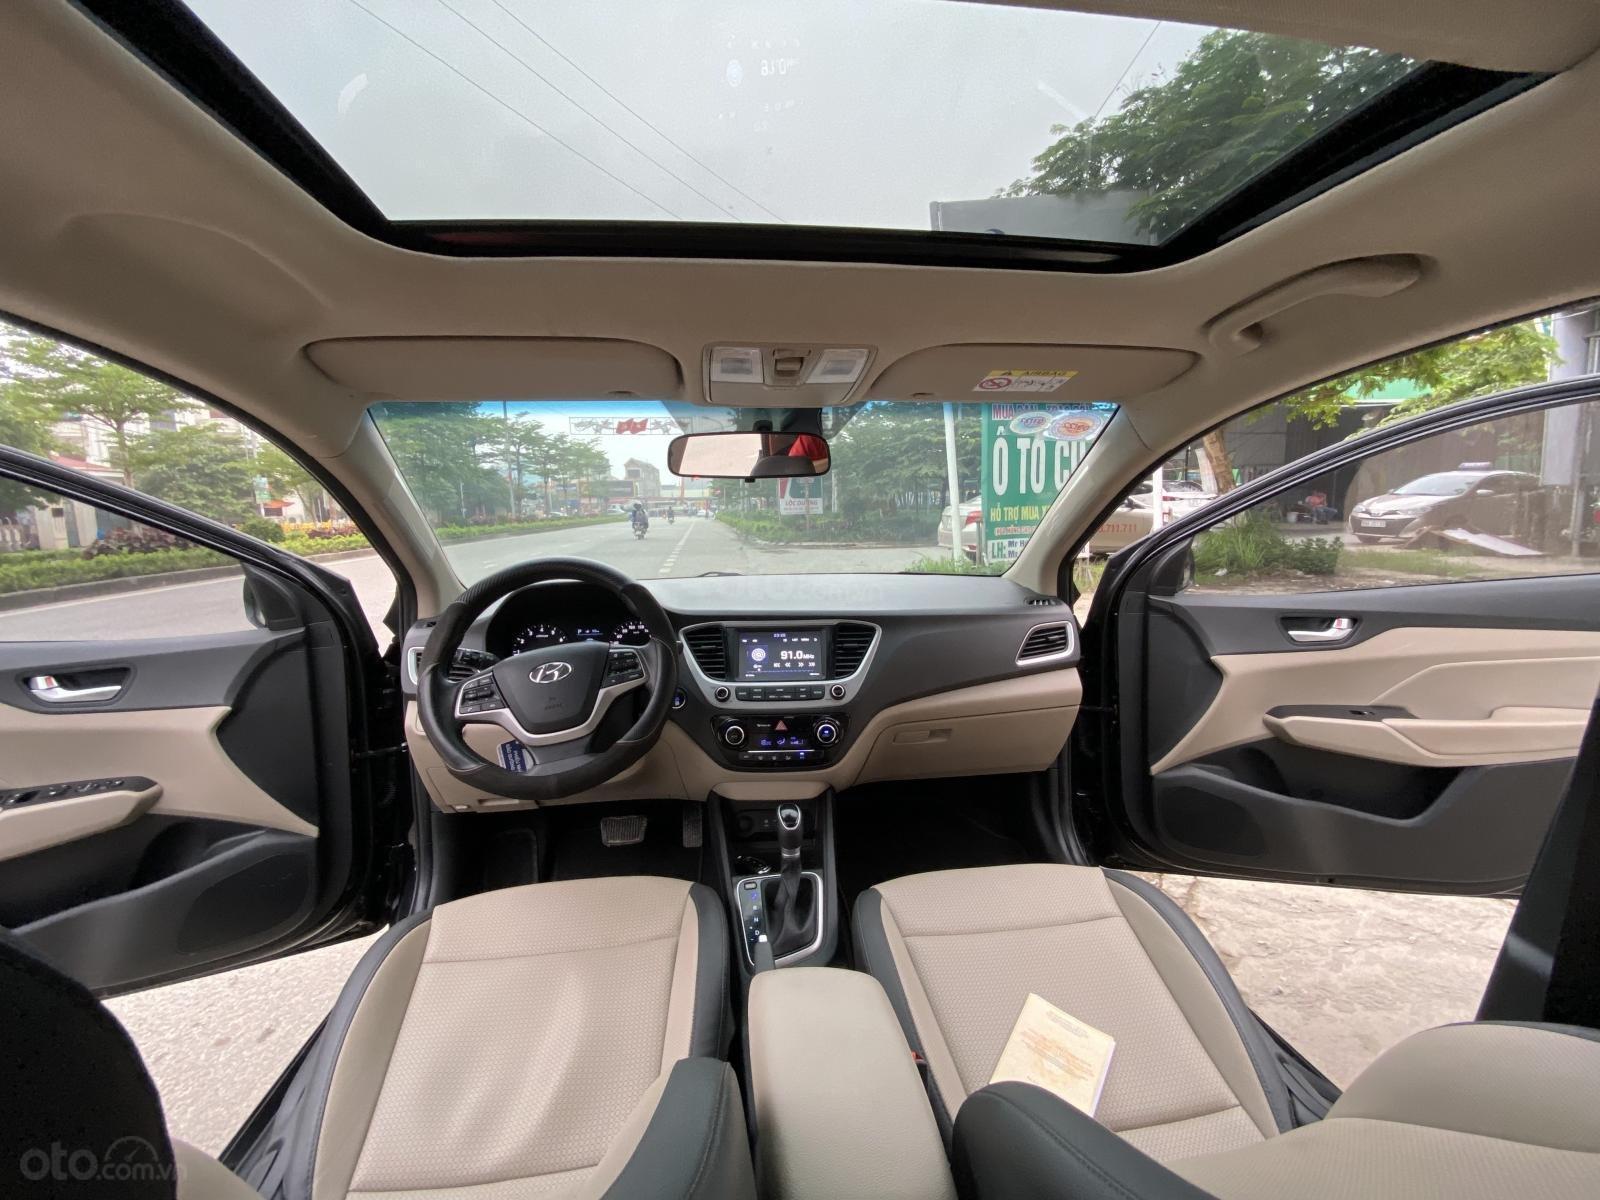 Bán Hyundai Accent 1.4AT bản đặc biệt (9)